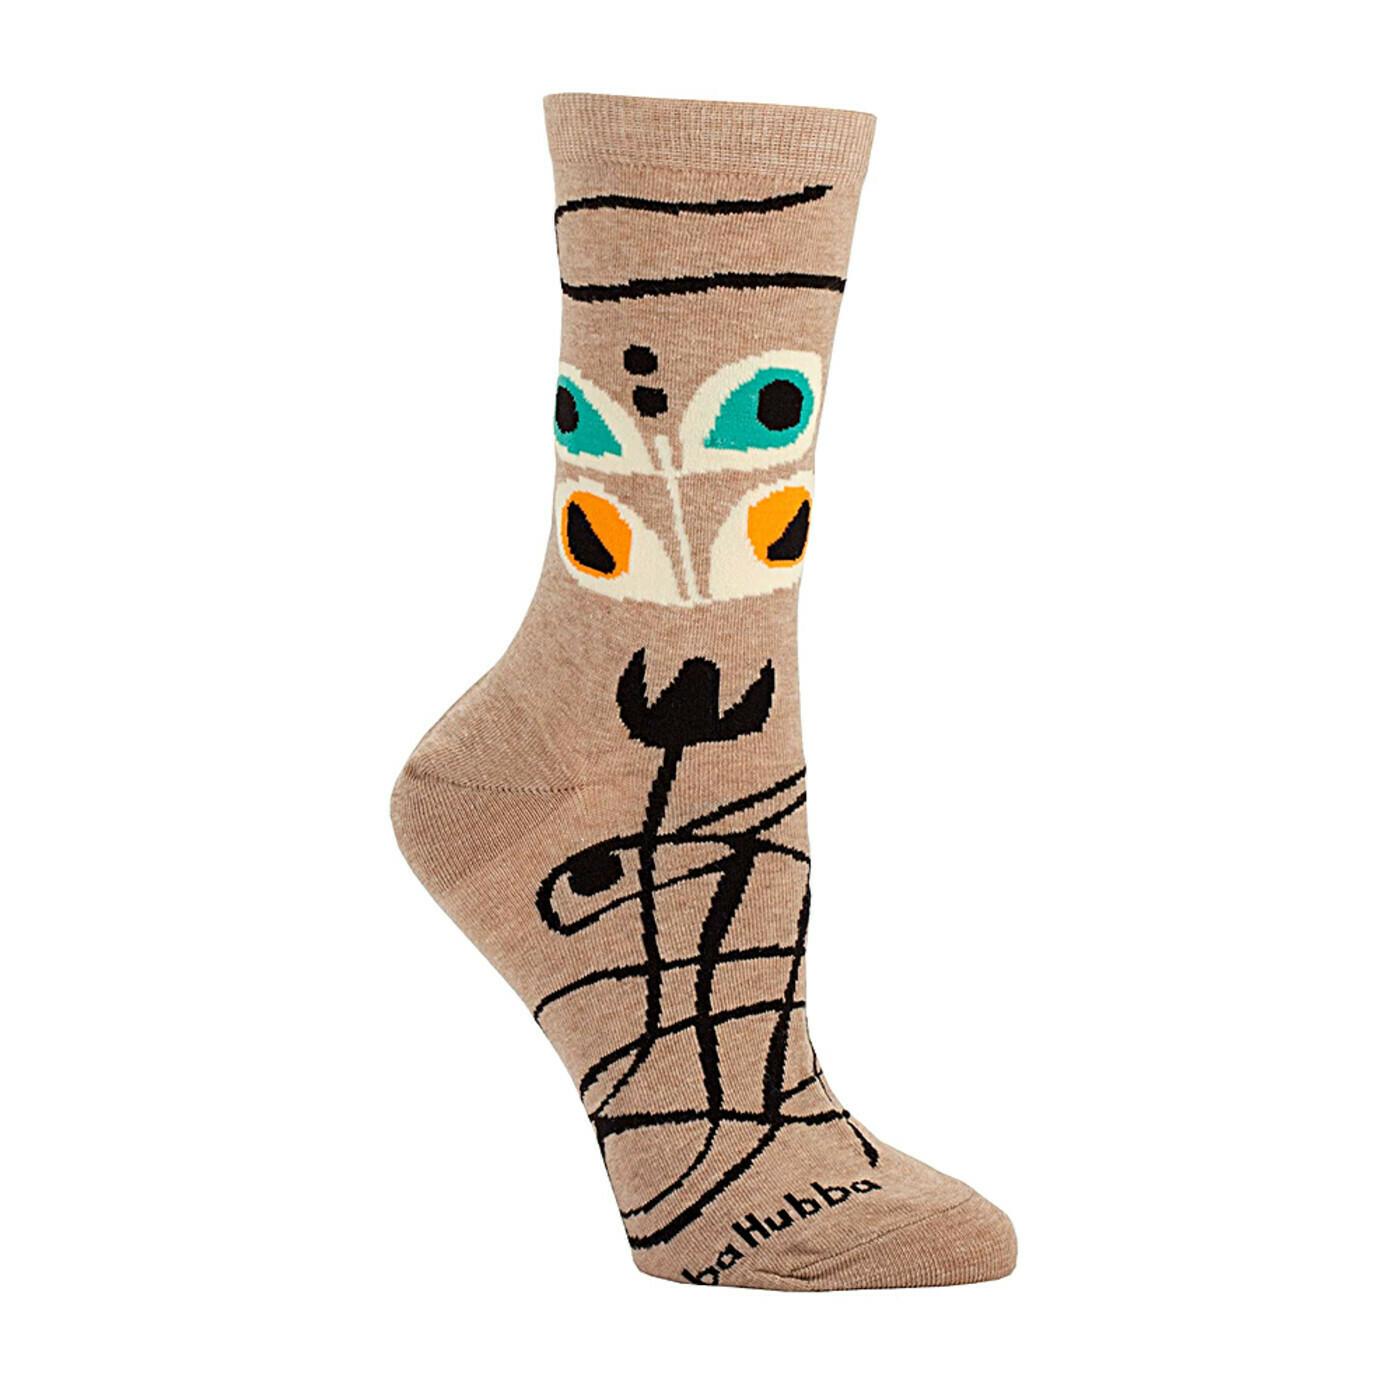 Hubba Hubba W-Crew Sock